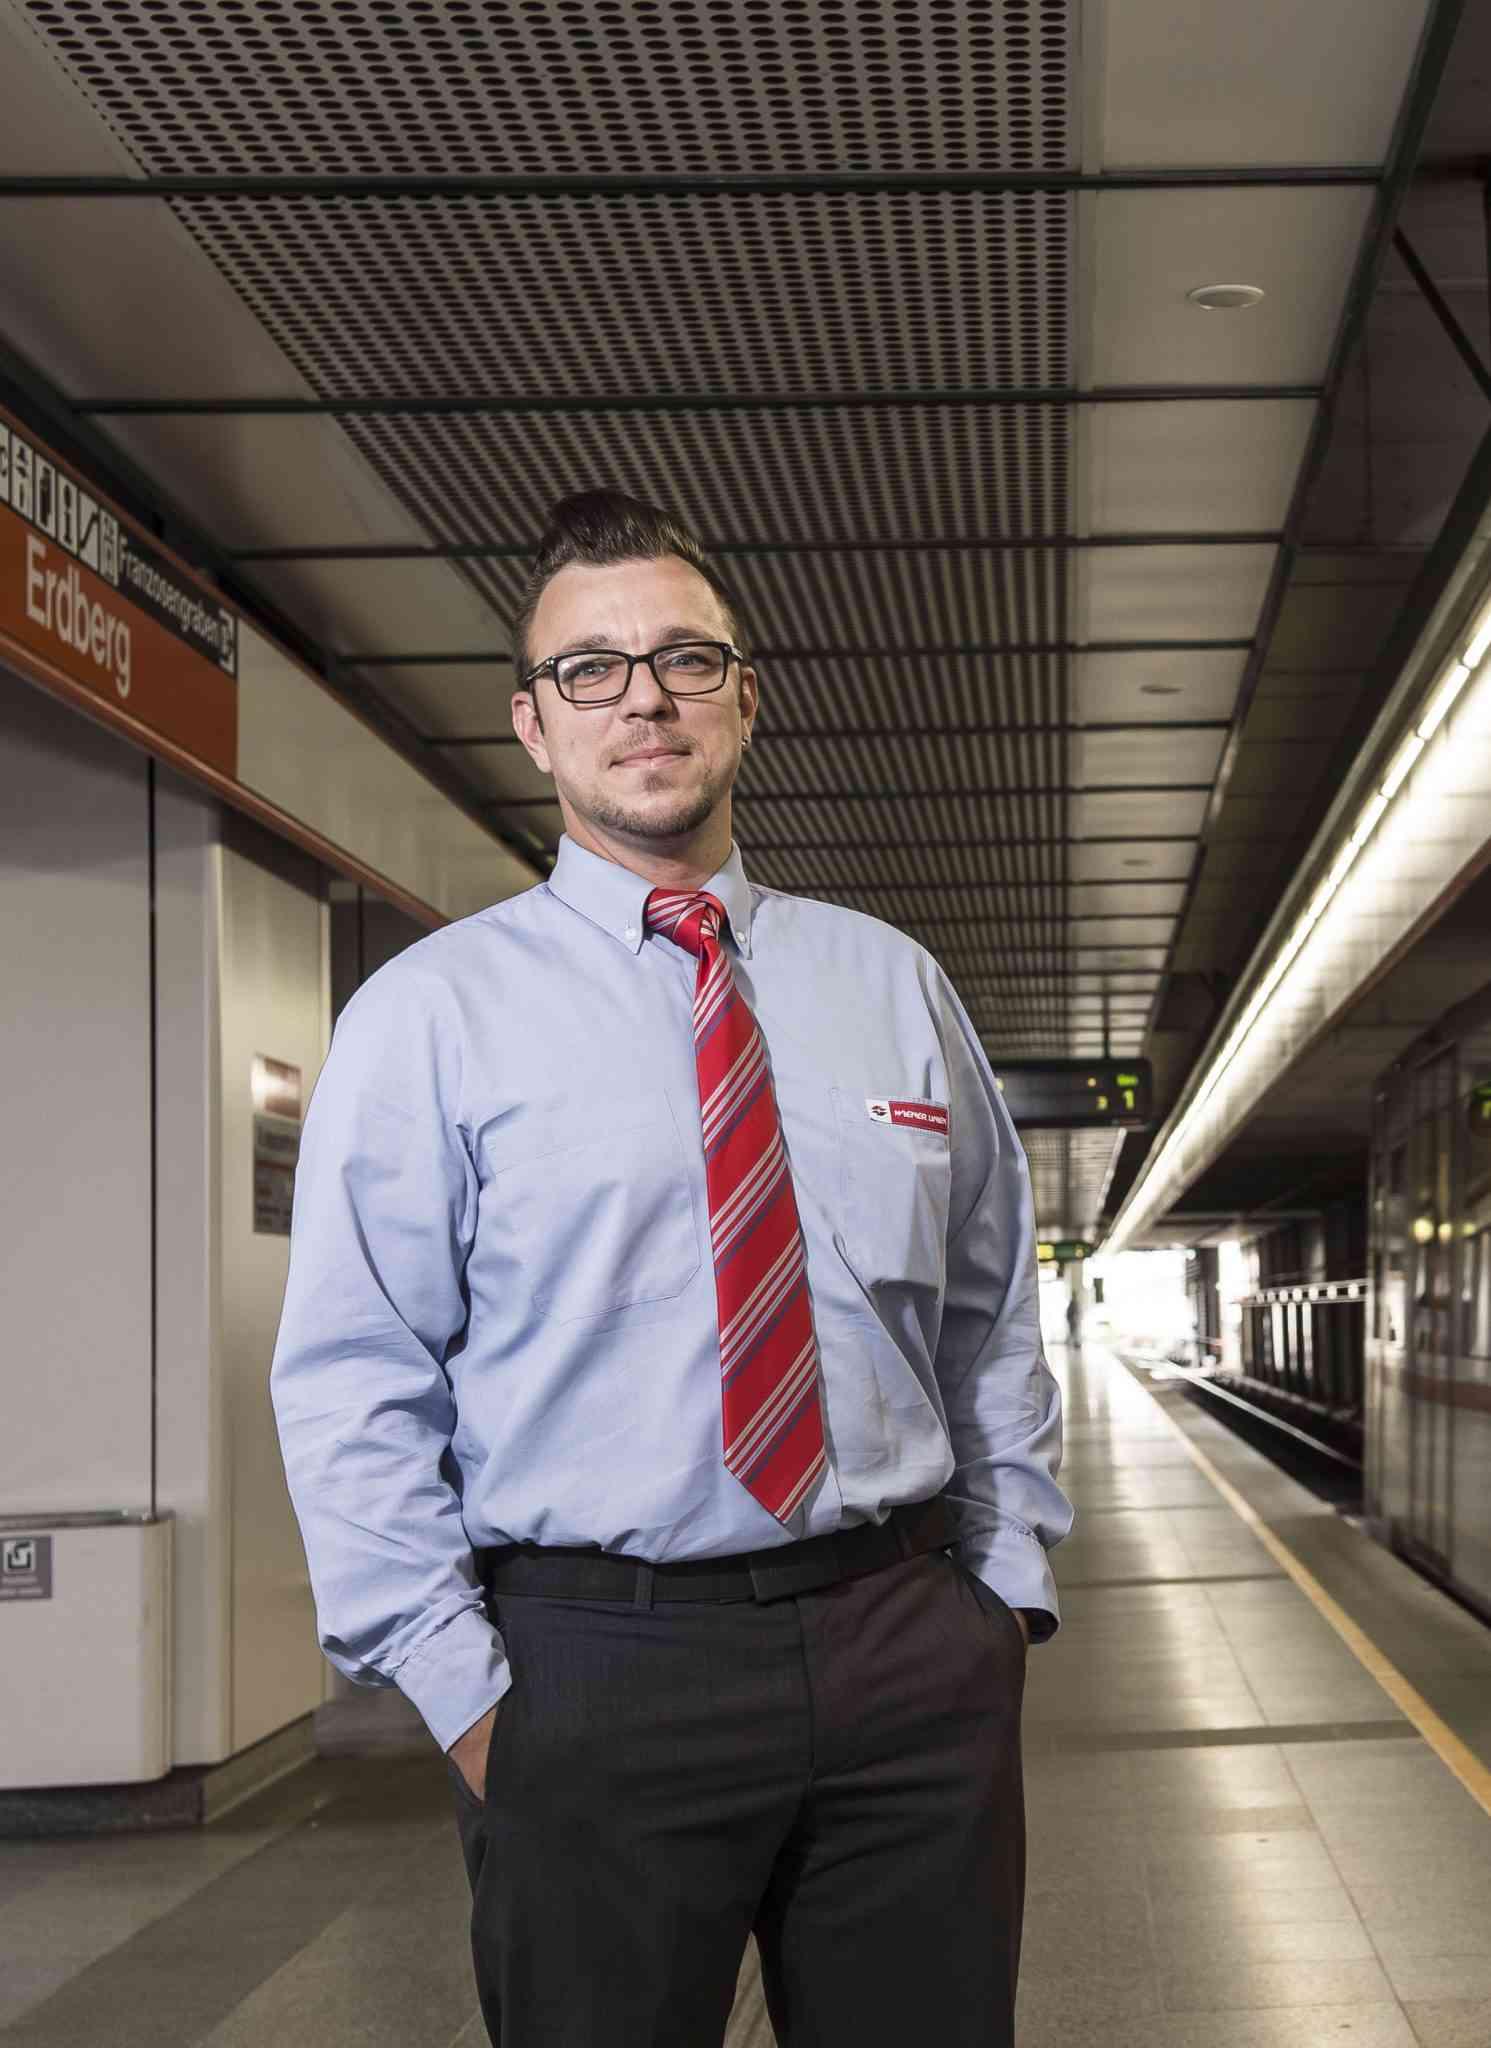 """Jürgen Lutz, U-Bahn-Fahrer - Bekannt bei unseren Fahrgästen wurde Jürgen Lutz mit seinen freundlichen Durchsagen. Seit Sommer 2015 ist er in unserem Netz unterwegs. Der Job als U-Bahn-FahrerIn ist eine große Verantwortung. """"Ich habe schon noch sehr großen Respekt. Ein Beispiel ist das Donauinselfest. Da ist der gesamte Bahnsteig komplett schwarz vor Menschen, du siehst nur Köpfe. Da musst du echt sehr aufpassen und du musst dich auf alle KollegInnen verlassen können. Aber es gibt auch immer wieder Lob von den Fahrgästen für die Organisation"""", erklärt Lutz. Neben Verantwortung für Fahrgäste ist Freundlichkeit oberstes Gebot. """"Jeder, der sich im öffentlichen Leben bewegt, also echt jeder, muss da was beitragen. Wir sind 1,8 Millionen Menschen, das geht sonst einfach nicht."""""""